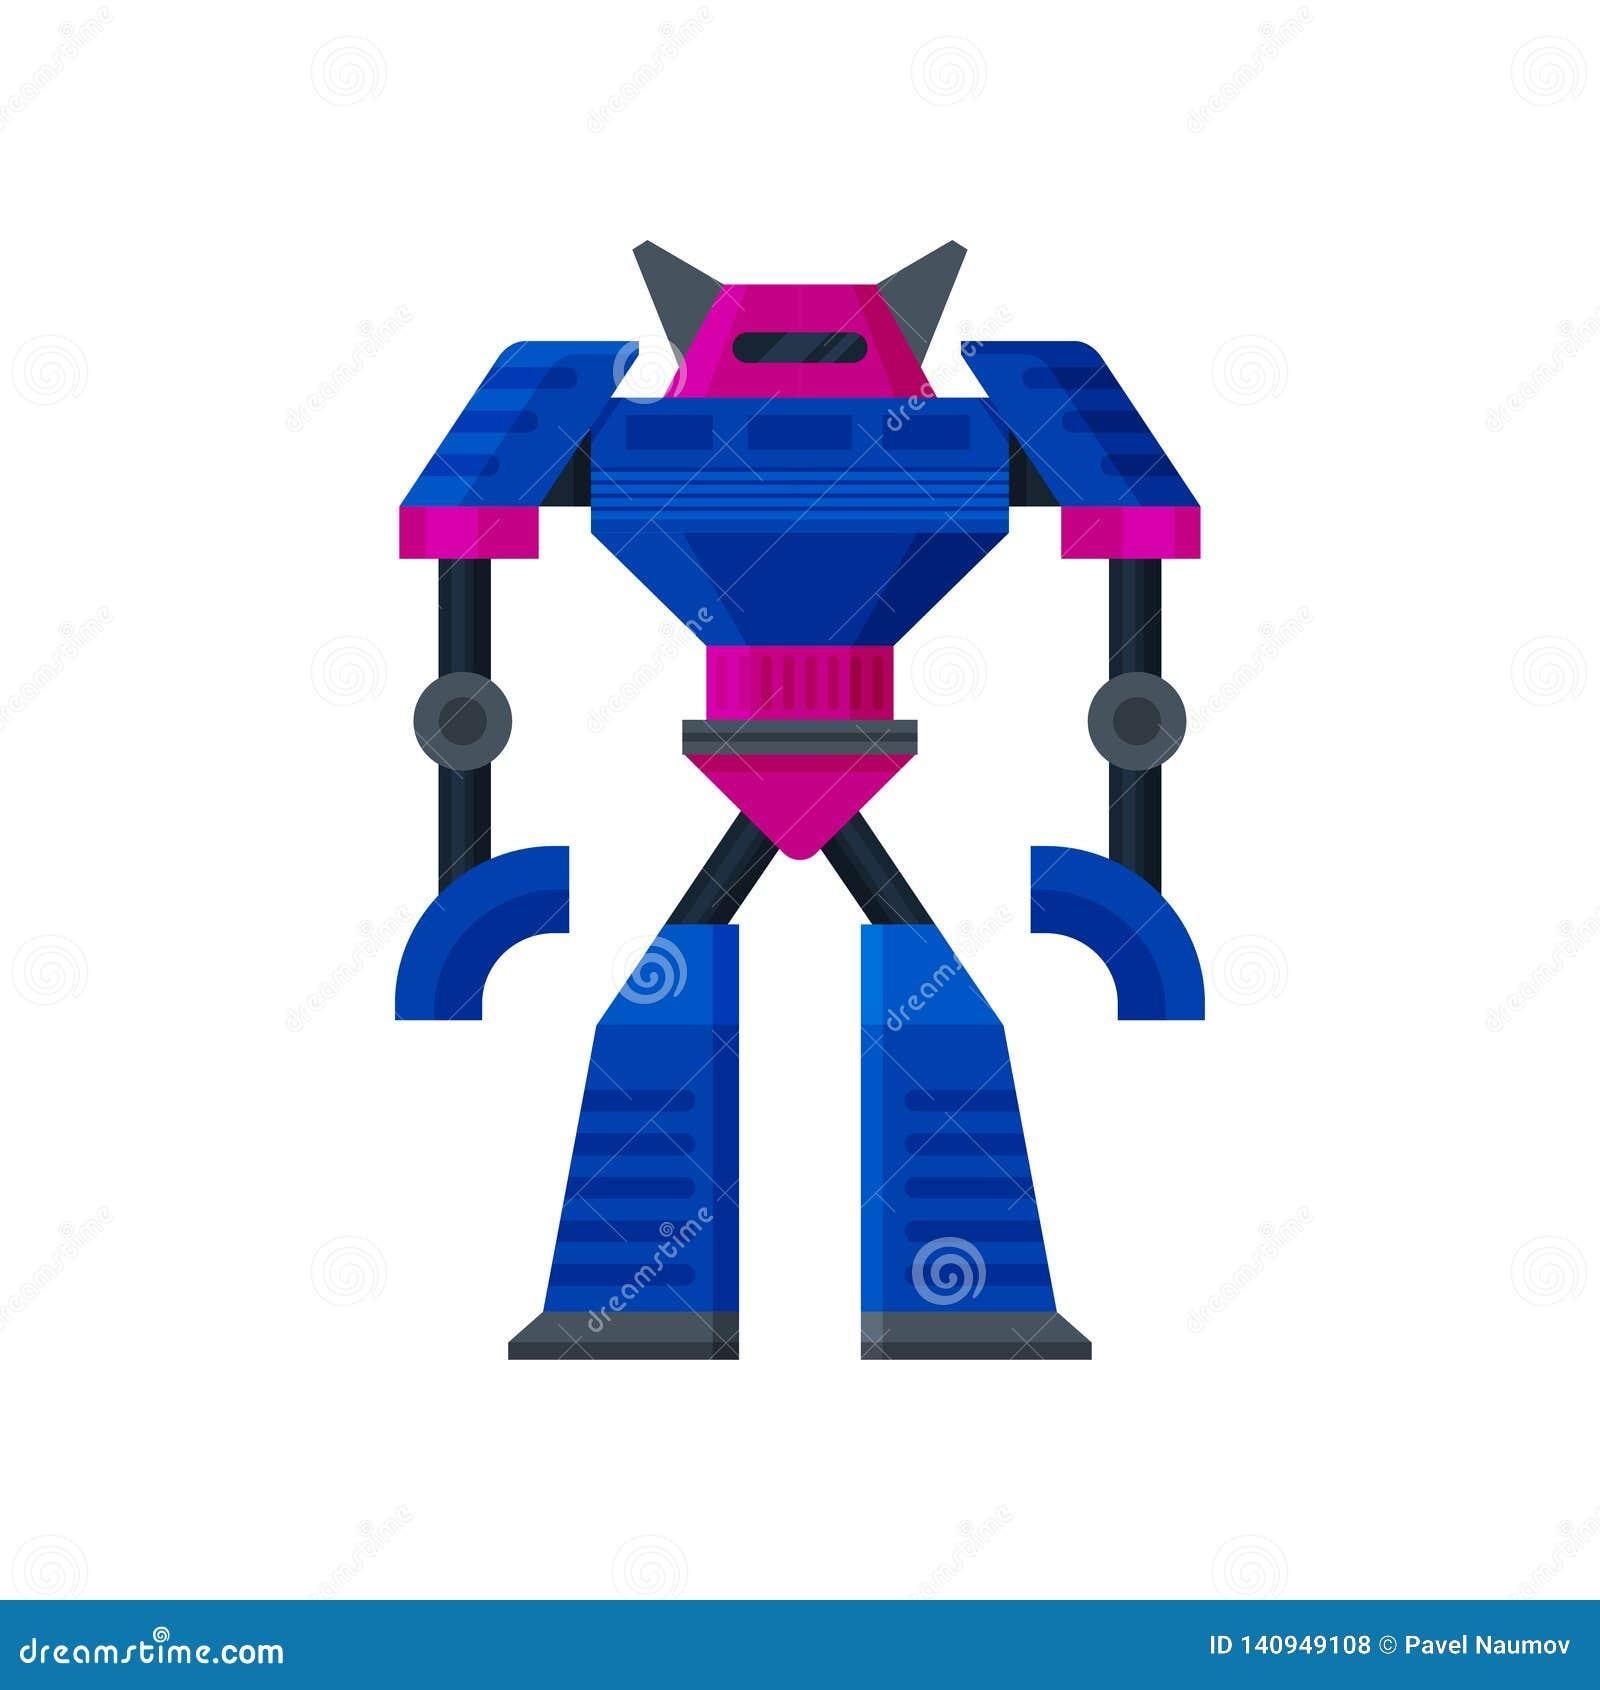 Μεγάλη στάση μετασχηματιστών χάλυβα ρόδινος-μπλε τεχνητή νοημοσύνη Ρομπότ humanoid μετάλλων Επίπεδο διανυσματικό εικονίδιο